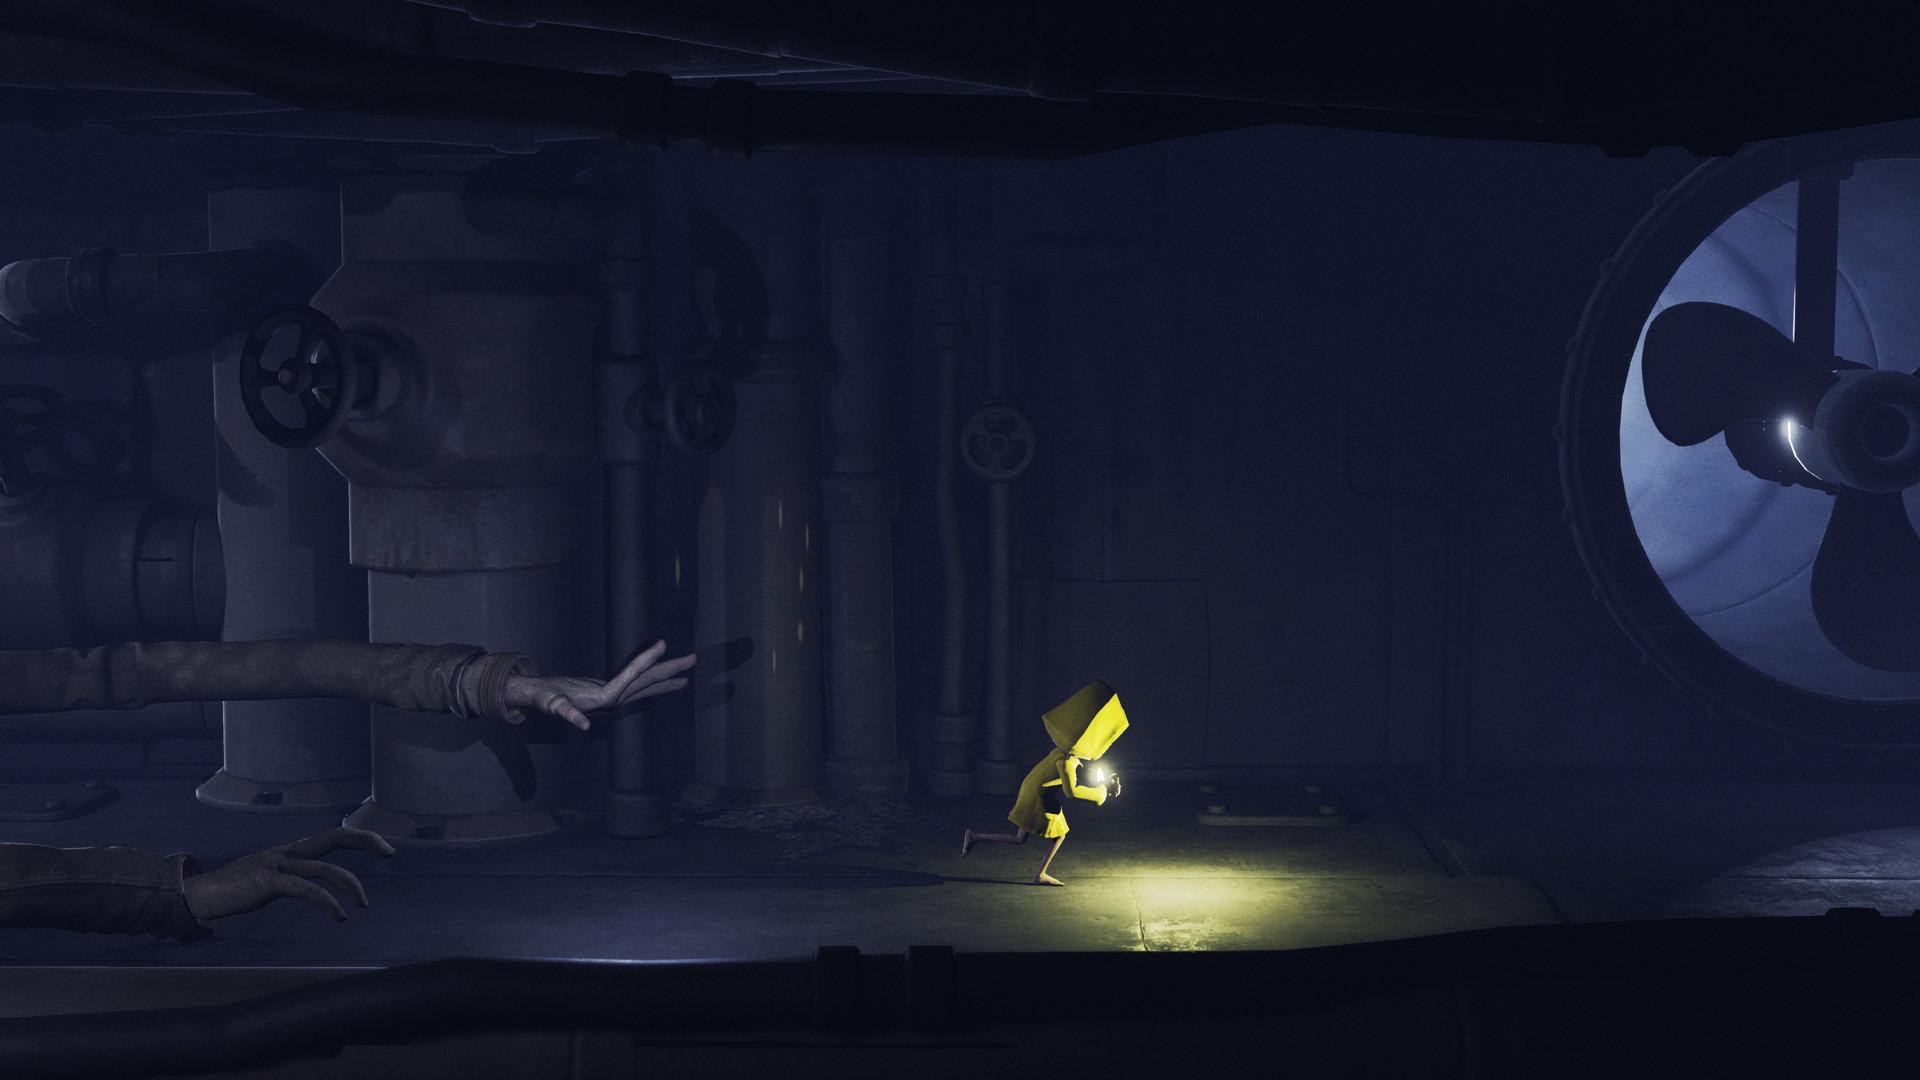 little-nightmares-escaping-dark-corridor